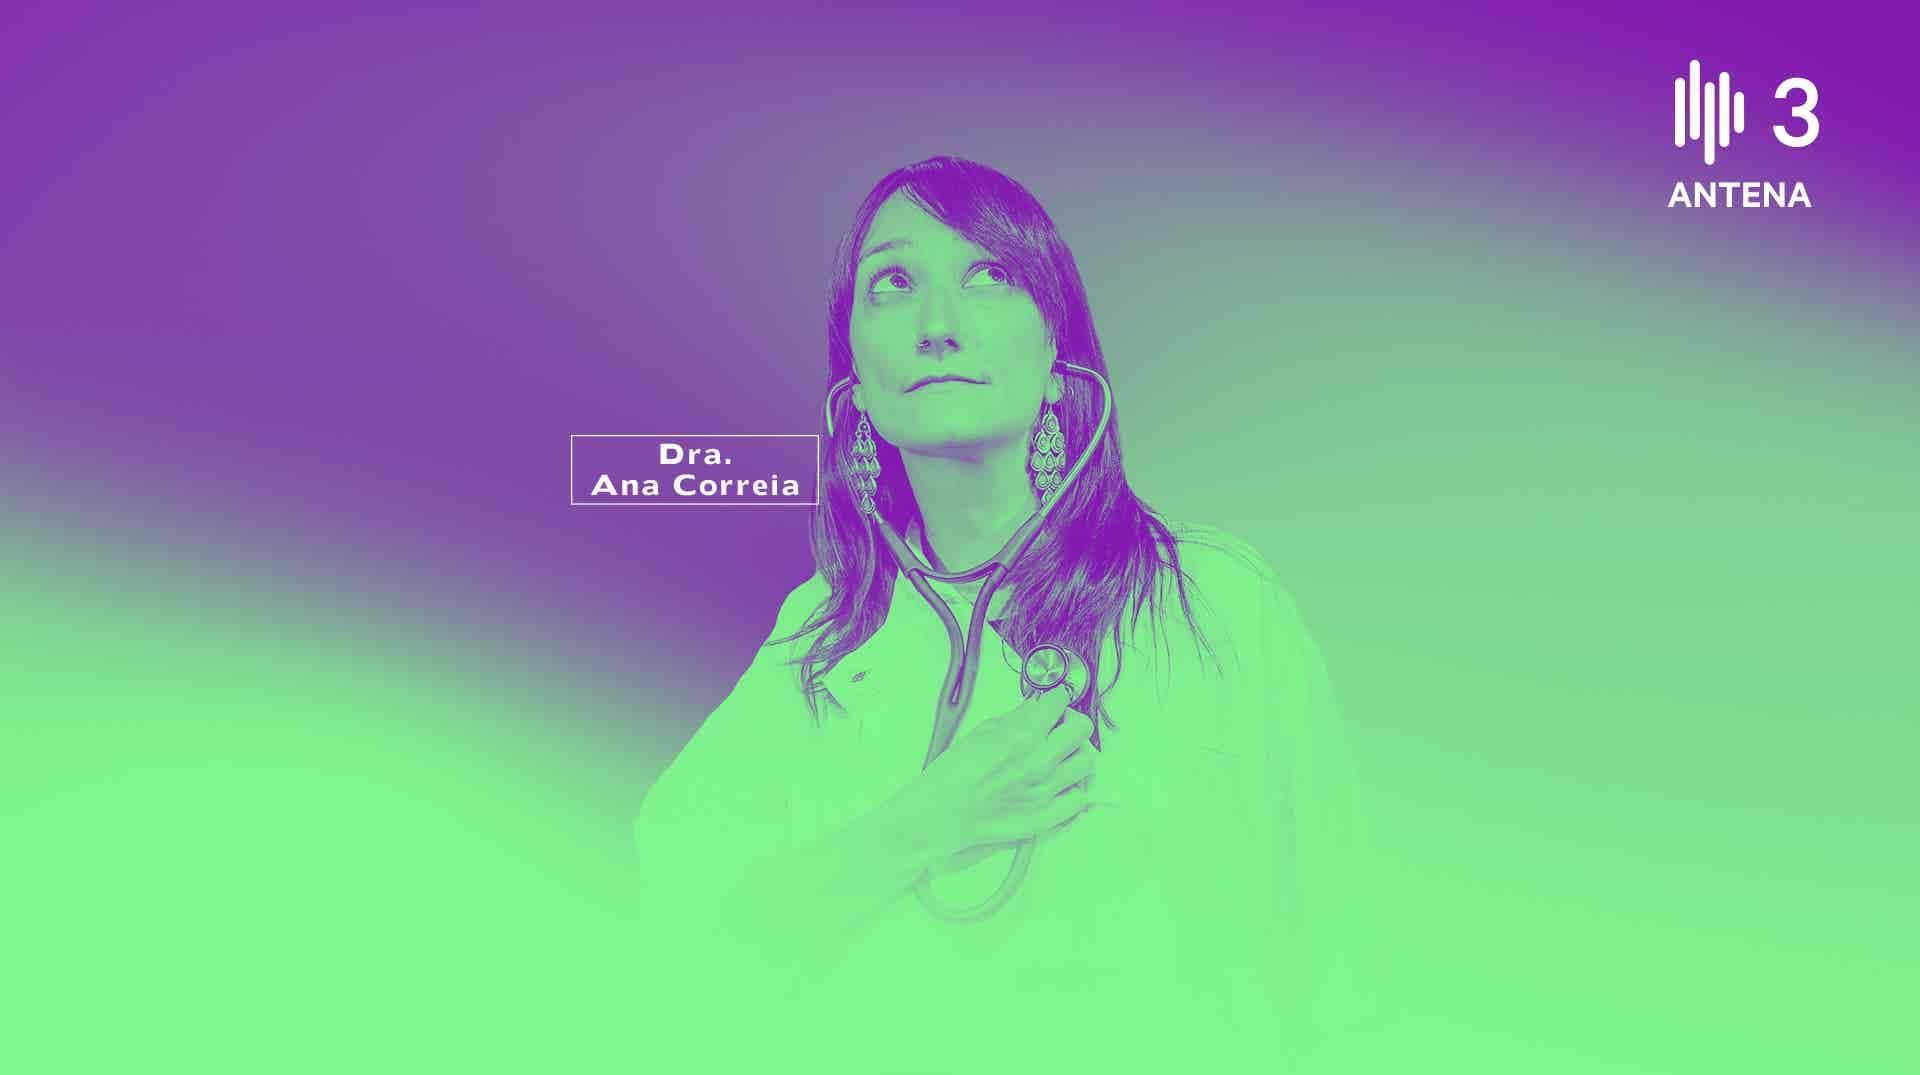 Play - Audiogésicos da Dra. Ana Correia